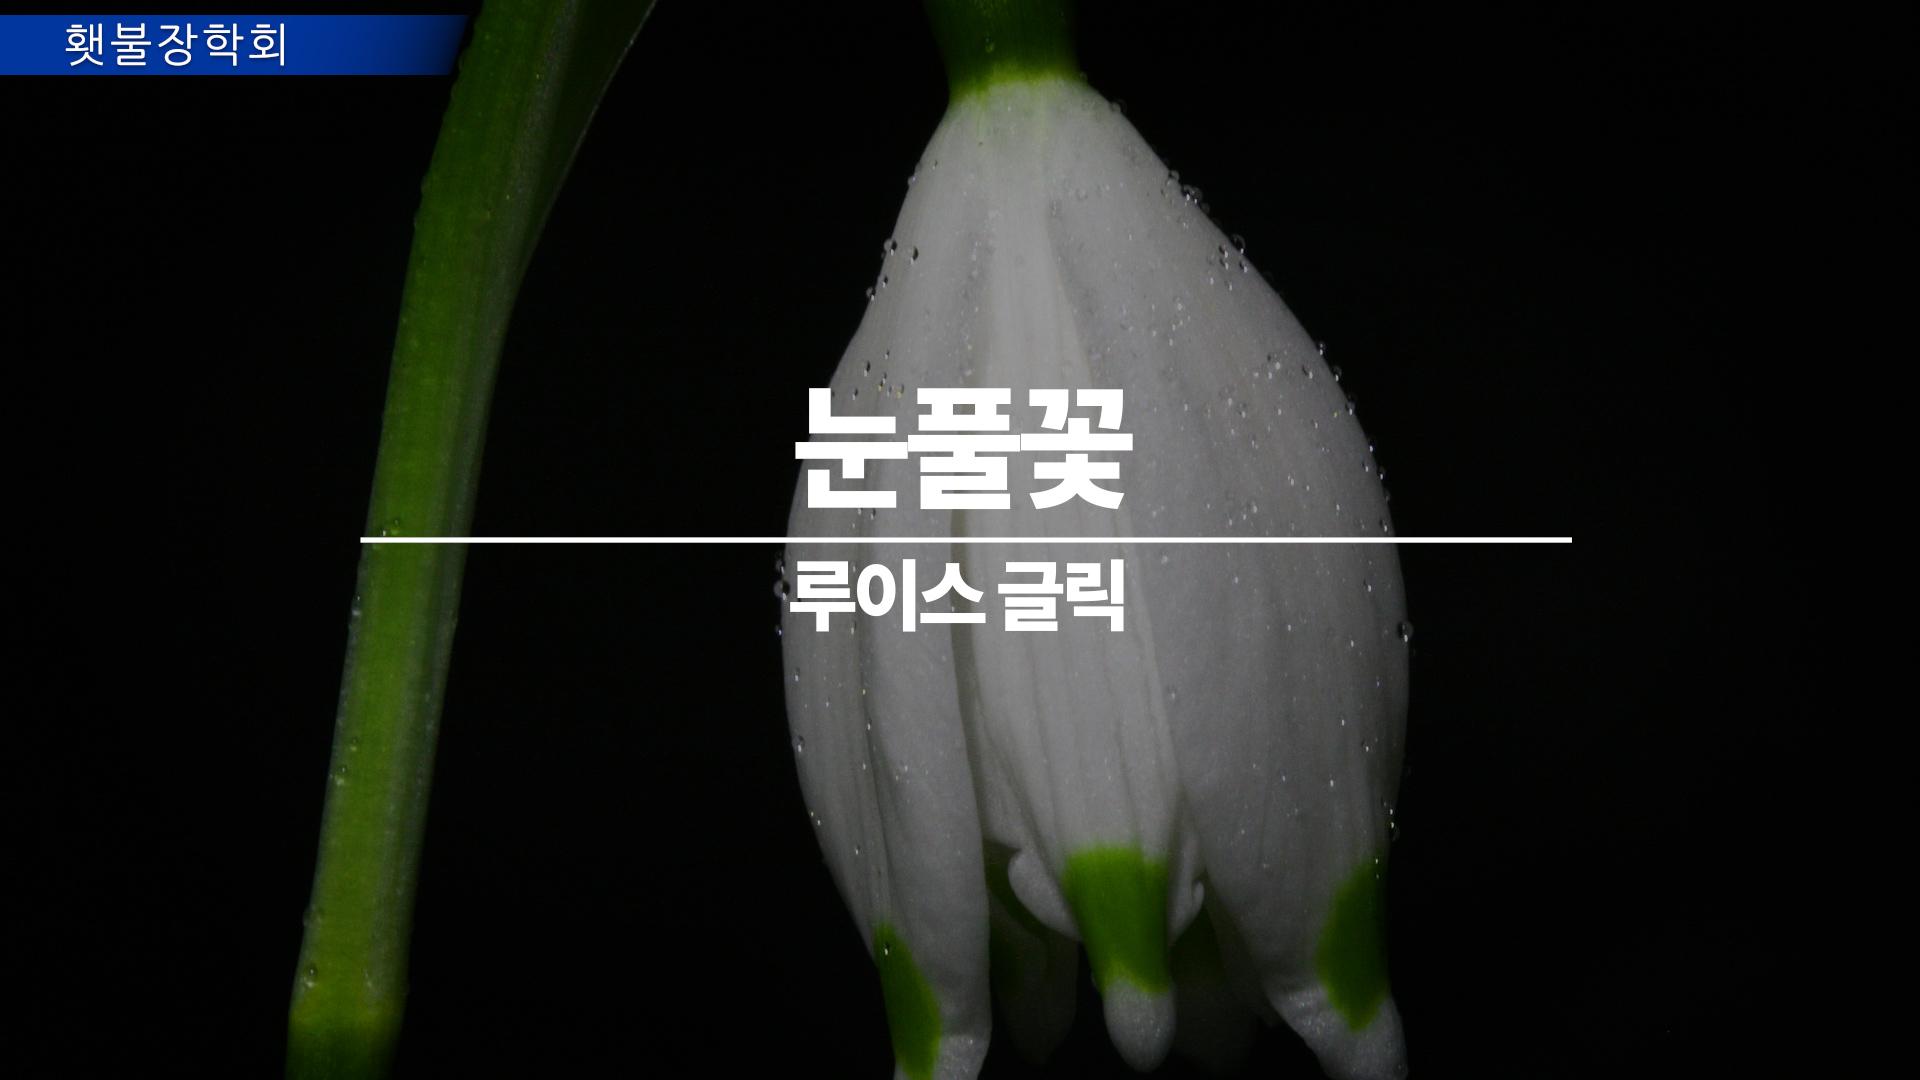 210101_횃불_title.jpg